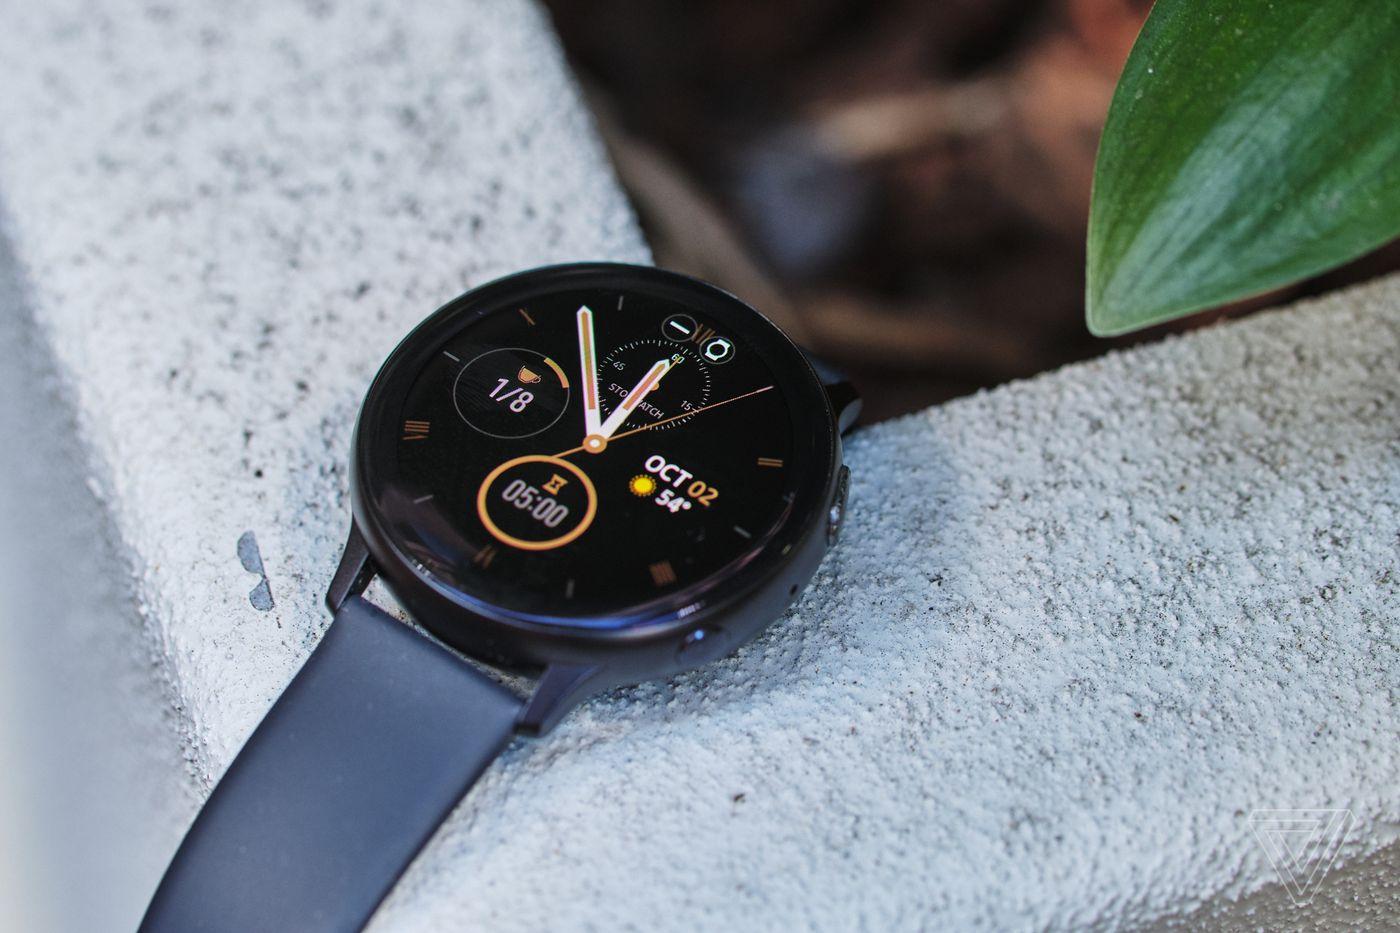 Loạt smartwatch về giá tốt, đáng chú ý tại Việt Nam - Ảnh 4.